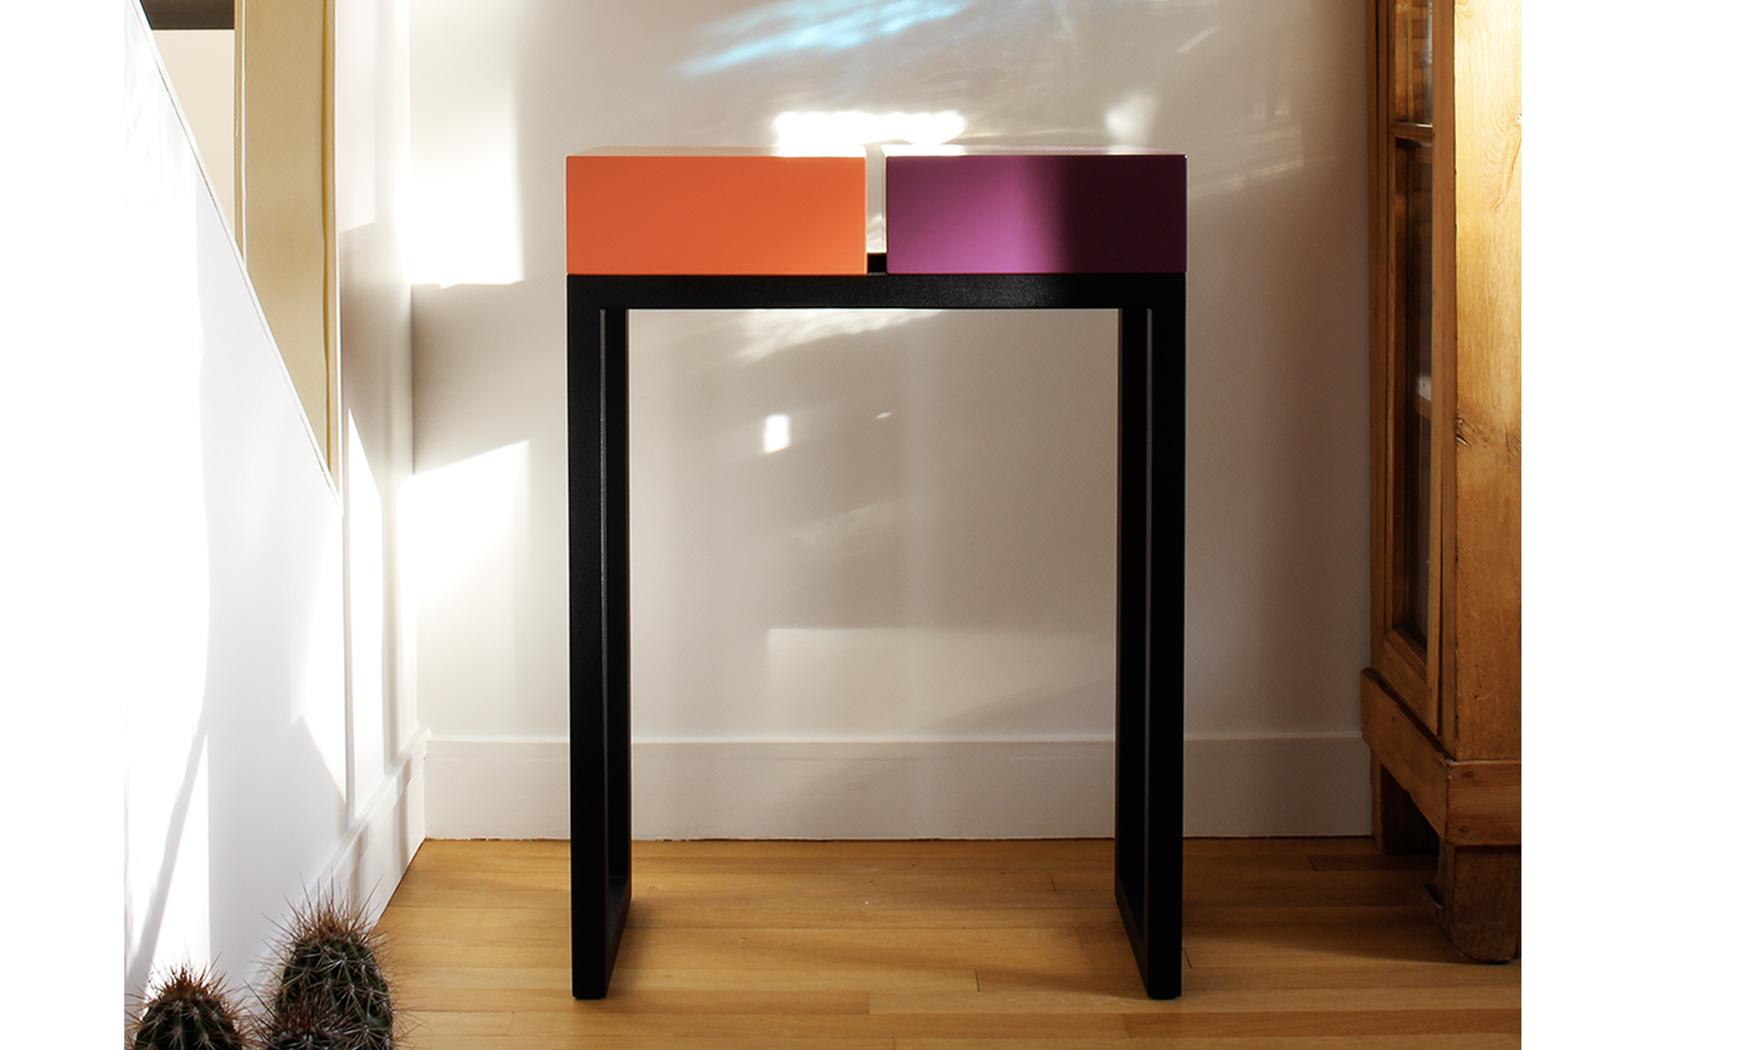 console moderne design sur mesure, structure en inox, cubes laqués. Console design Pied-Estal Mobilier design modulable Les Pieds Sur La Table